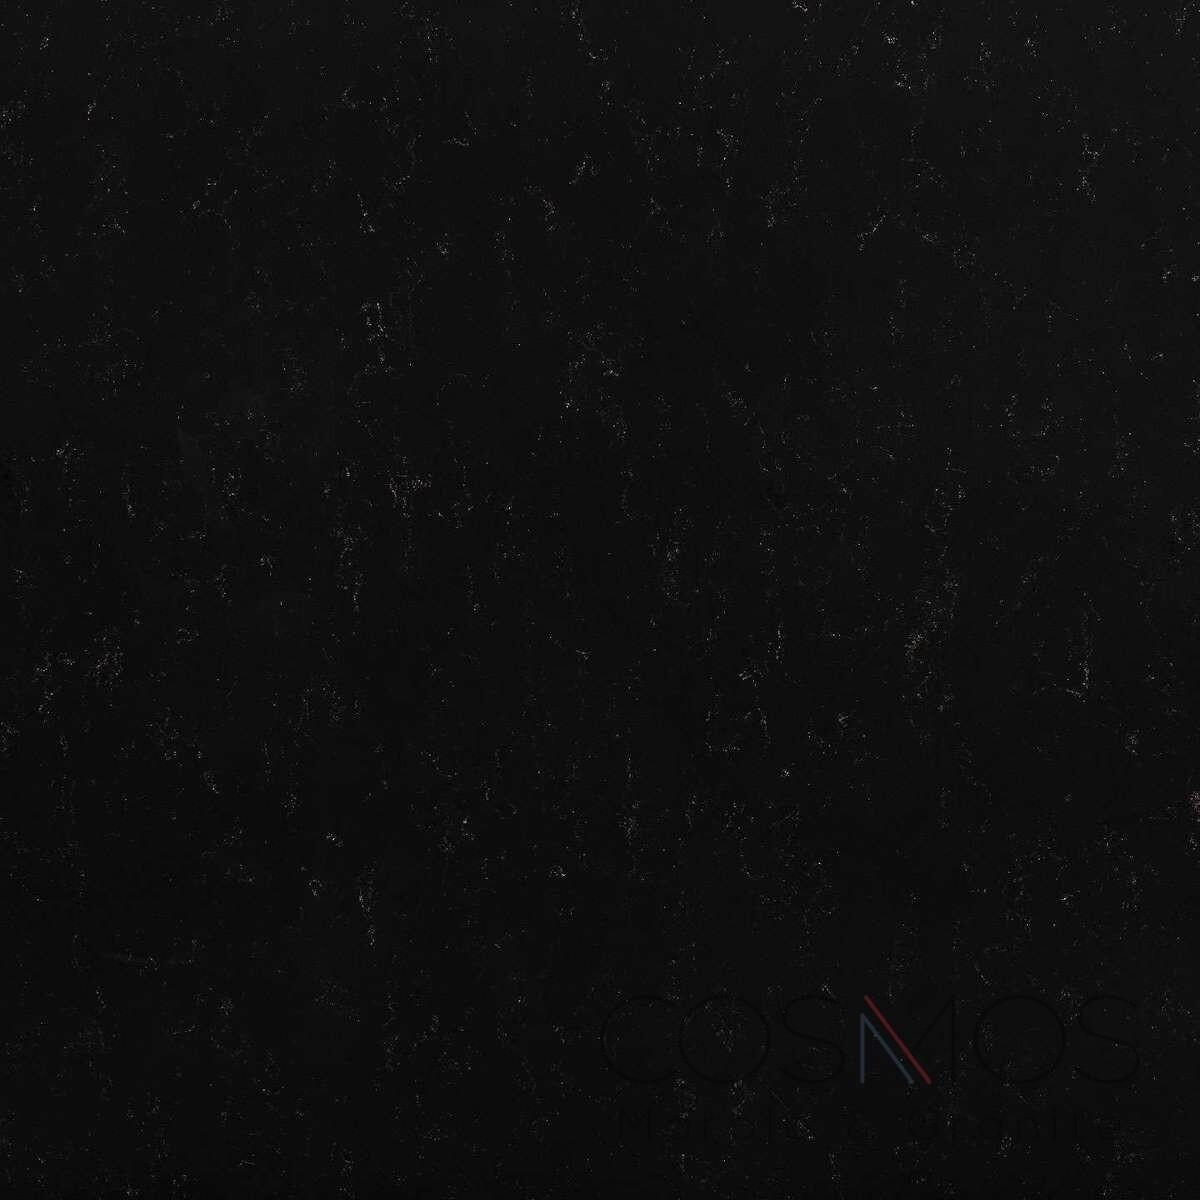 corianquartz-black-quasar